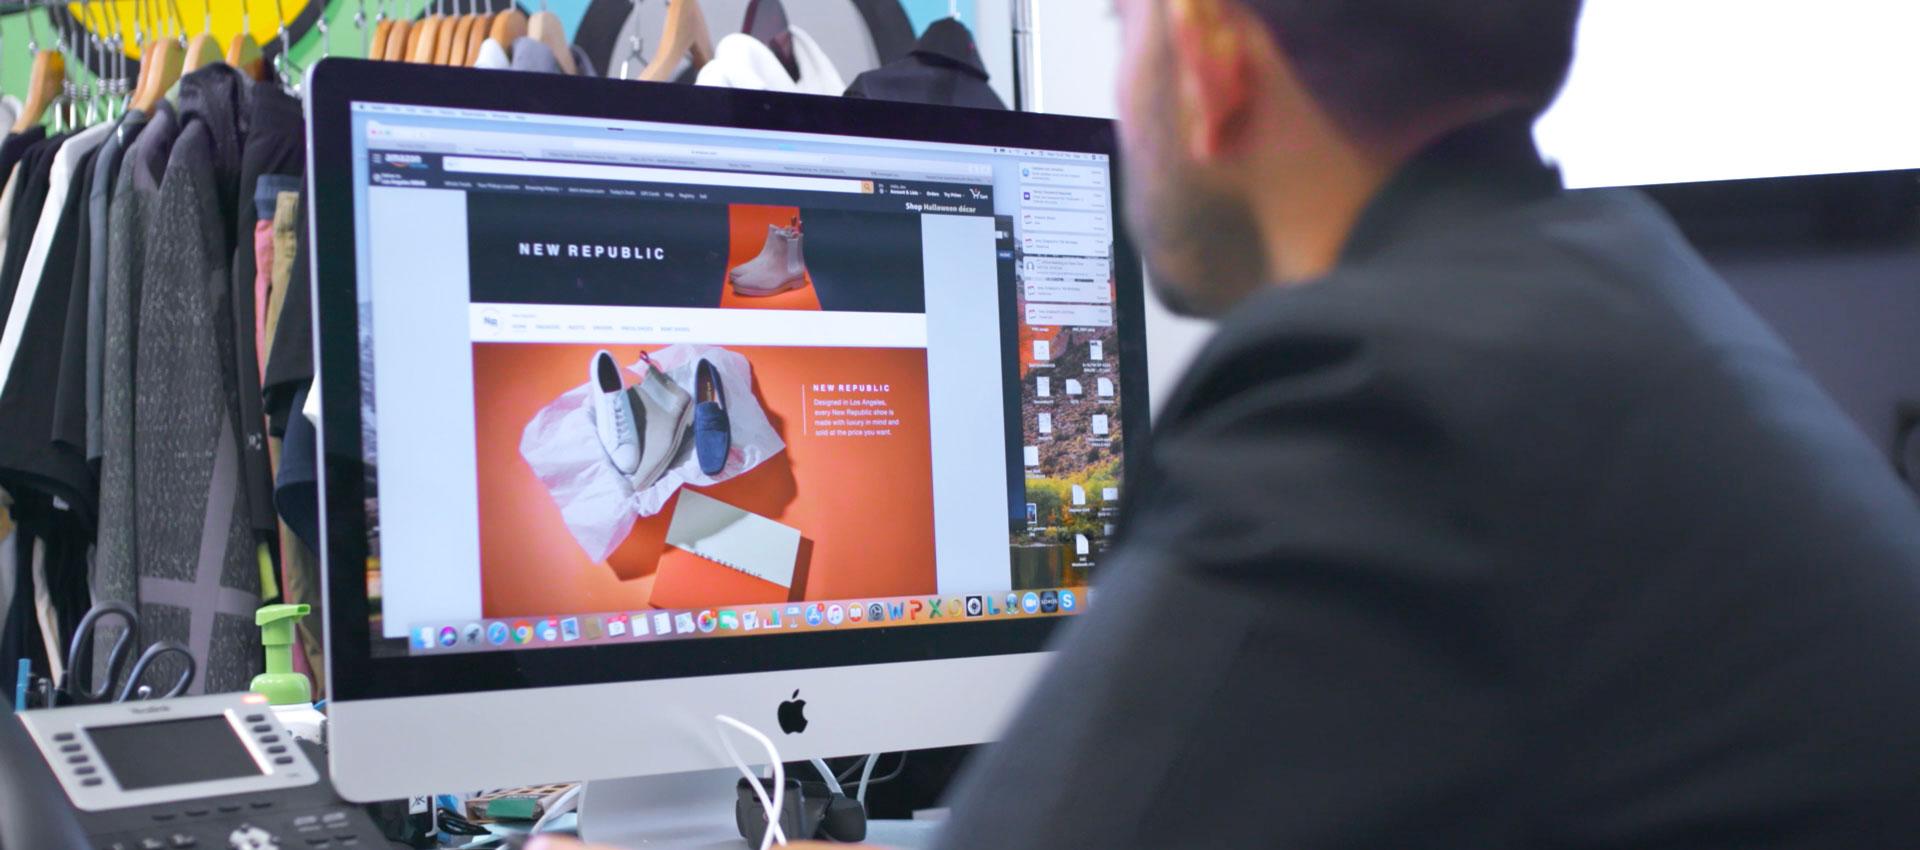 一位男士正看着电脑屏幕,上面显示时尚品牌 New Republic 在 amazon.com 平台的网上店铺